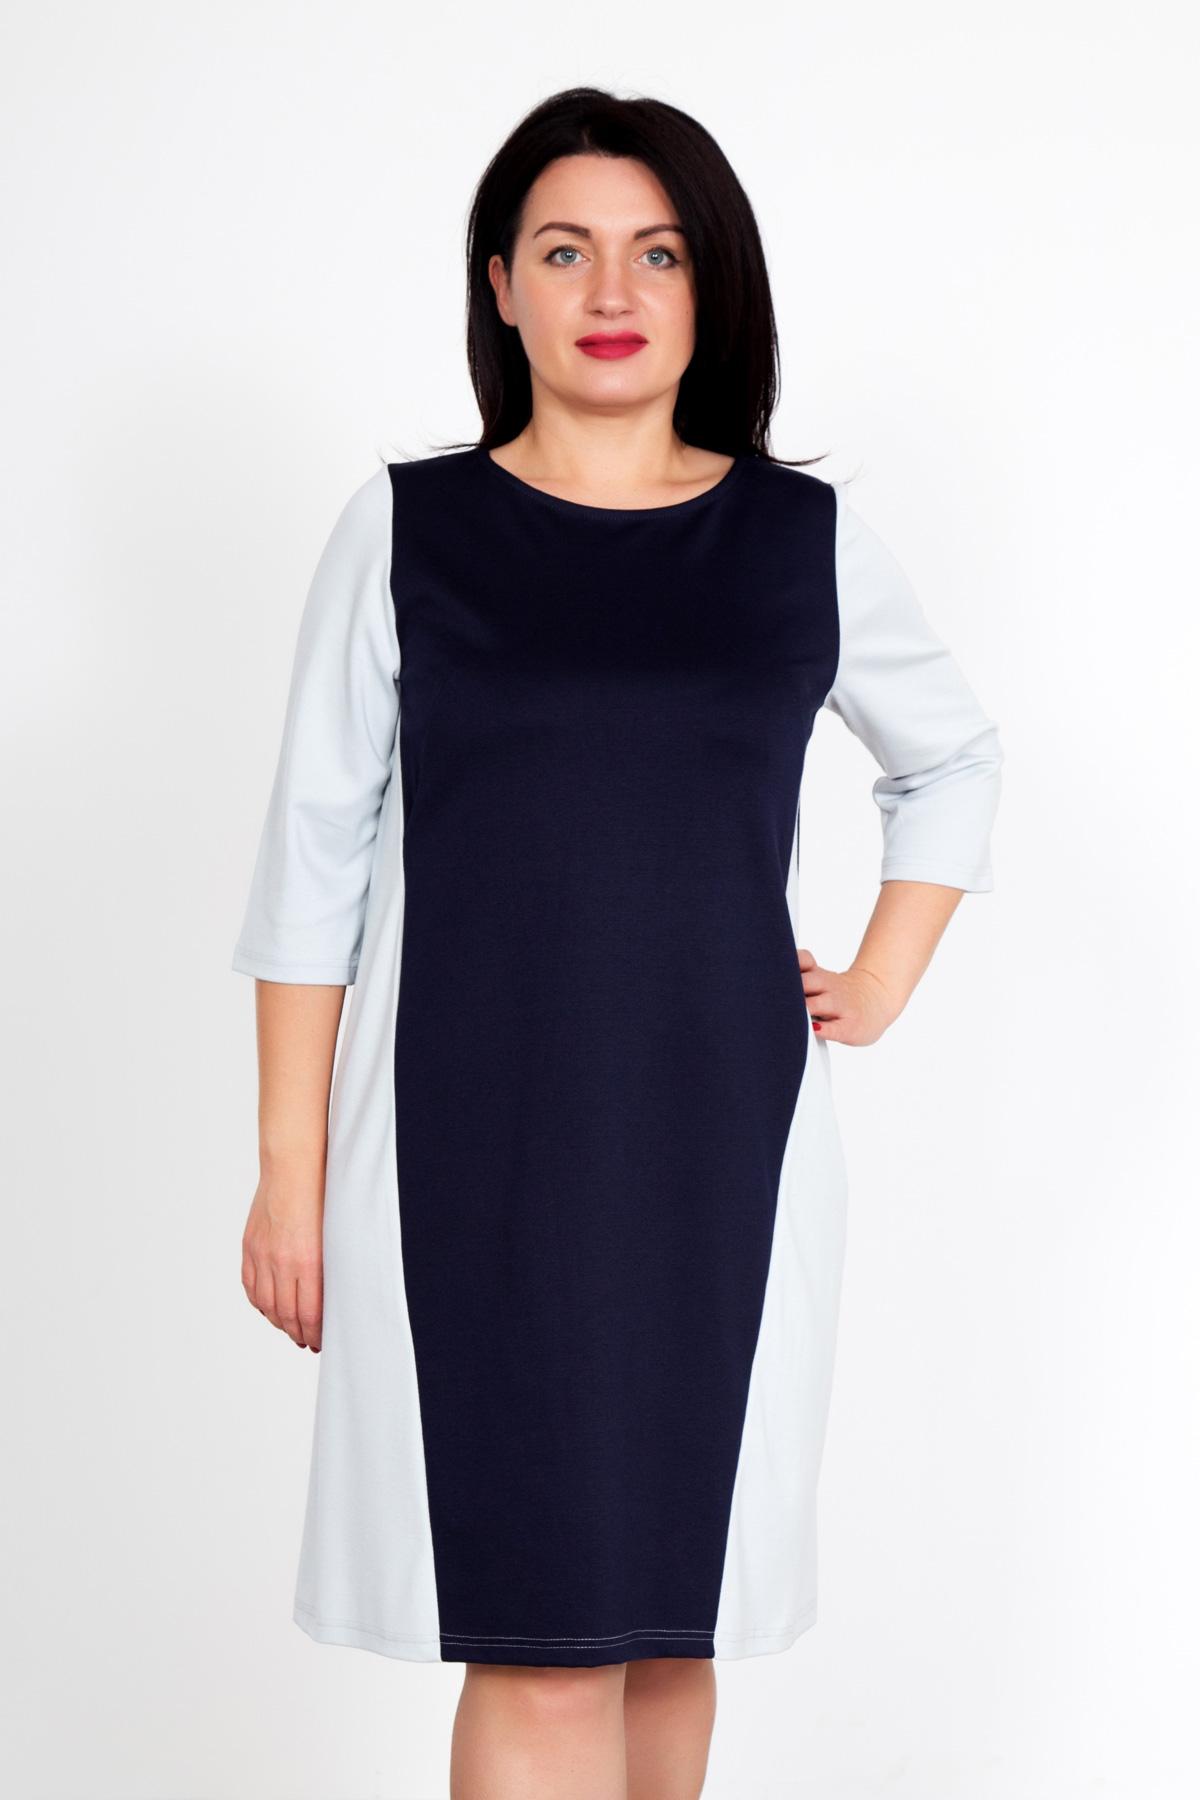 Жен. платье Бренда Синий р. 56Платья<br>Обхват груди: 112 см <br>Обхват талии: 92 см <br>Обхват бедер: 120 см <br>Длина по спинке: 95 см <br>Рост: 167 см<br><br>Тип: Жен. платье<br>Размер: 56<br>Материал: Милано